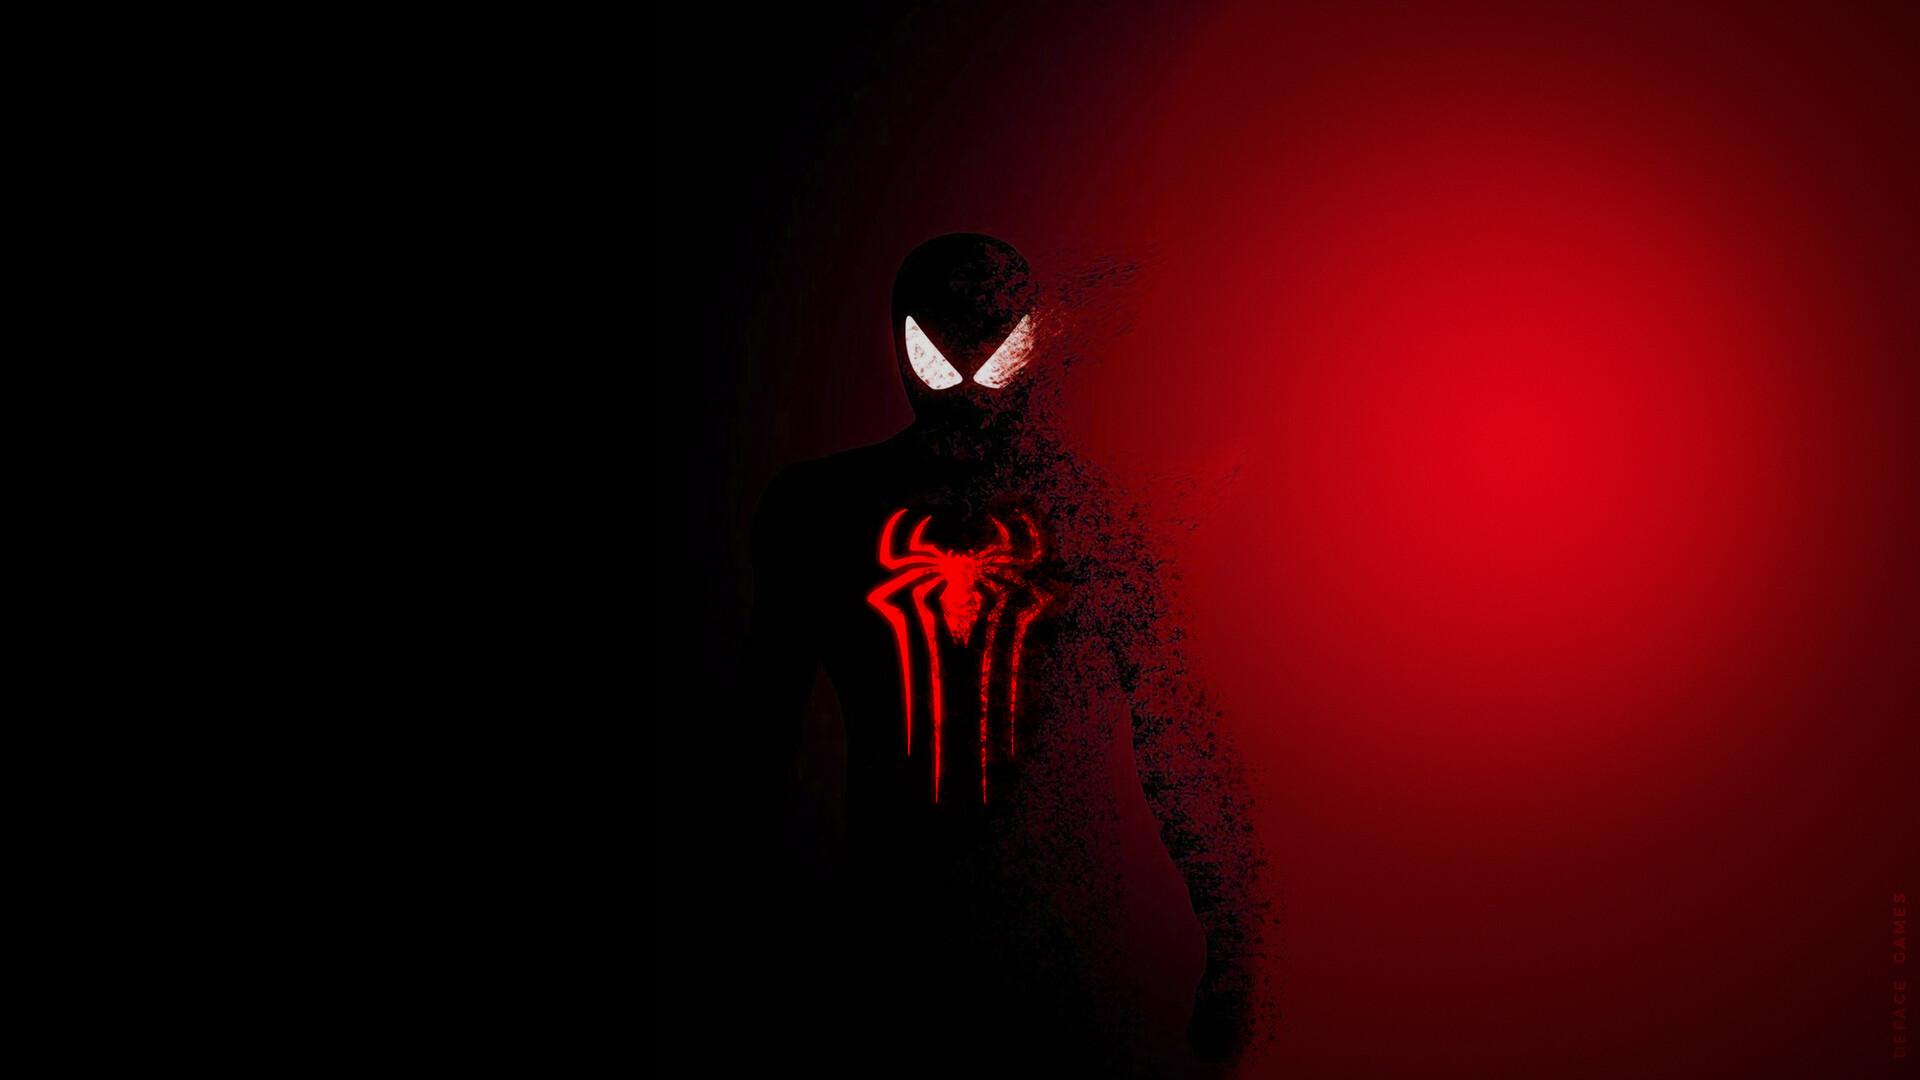 Artstation Spiderman Glow Dark Wallpapers Amanz Galzor